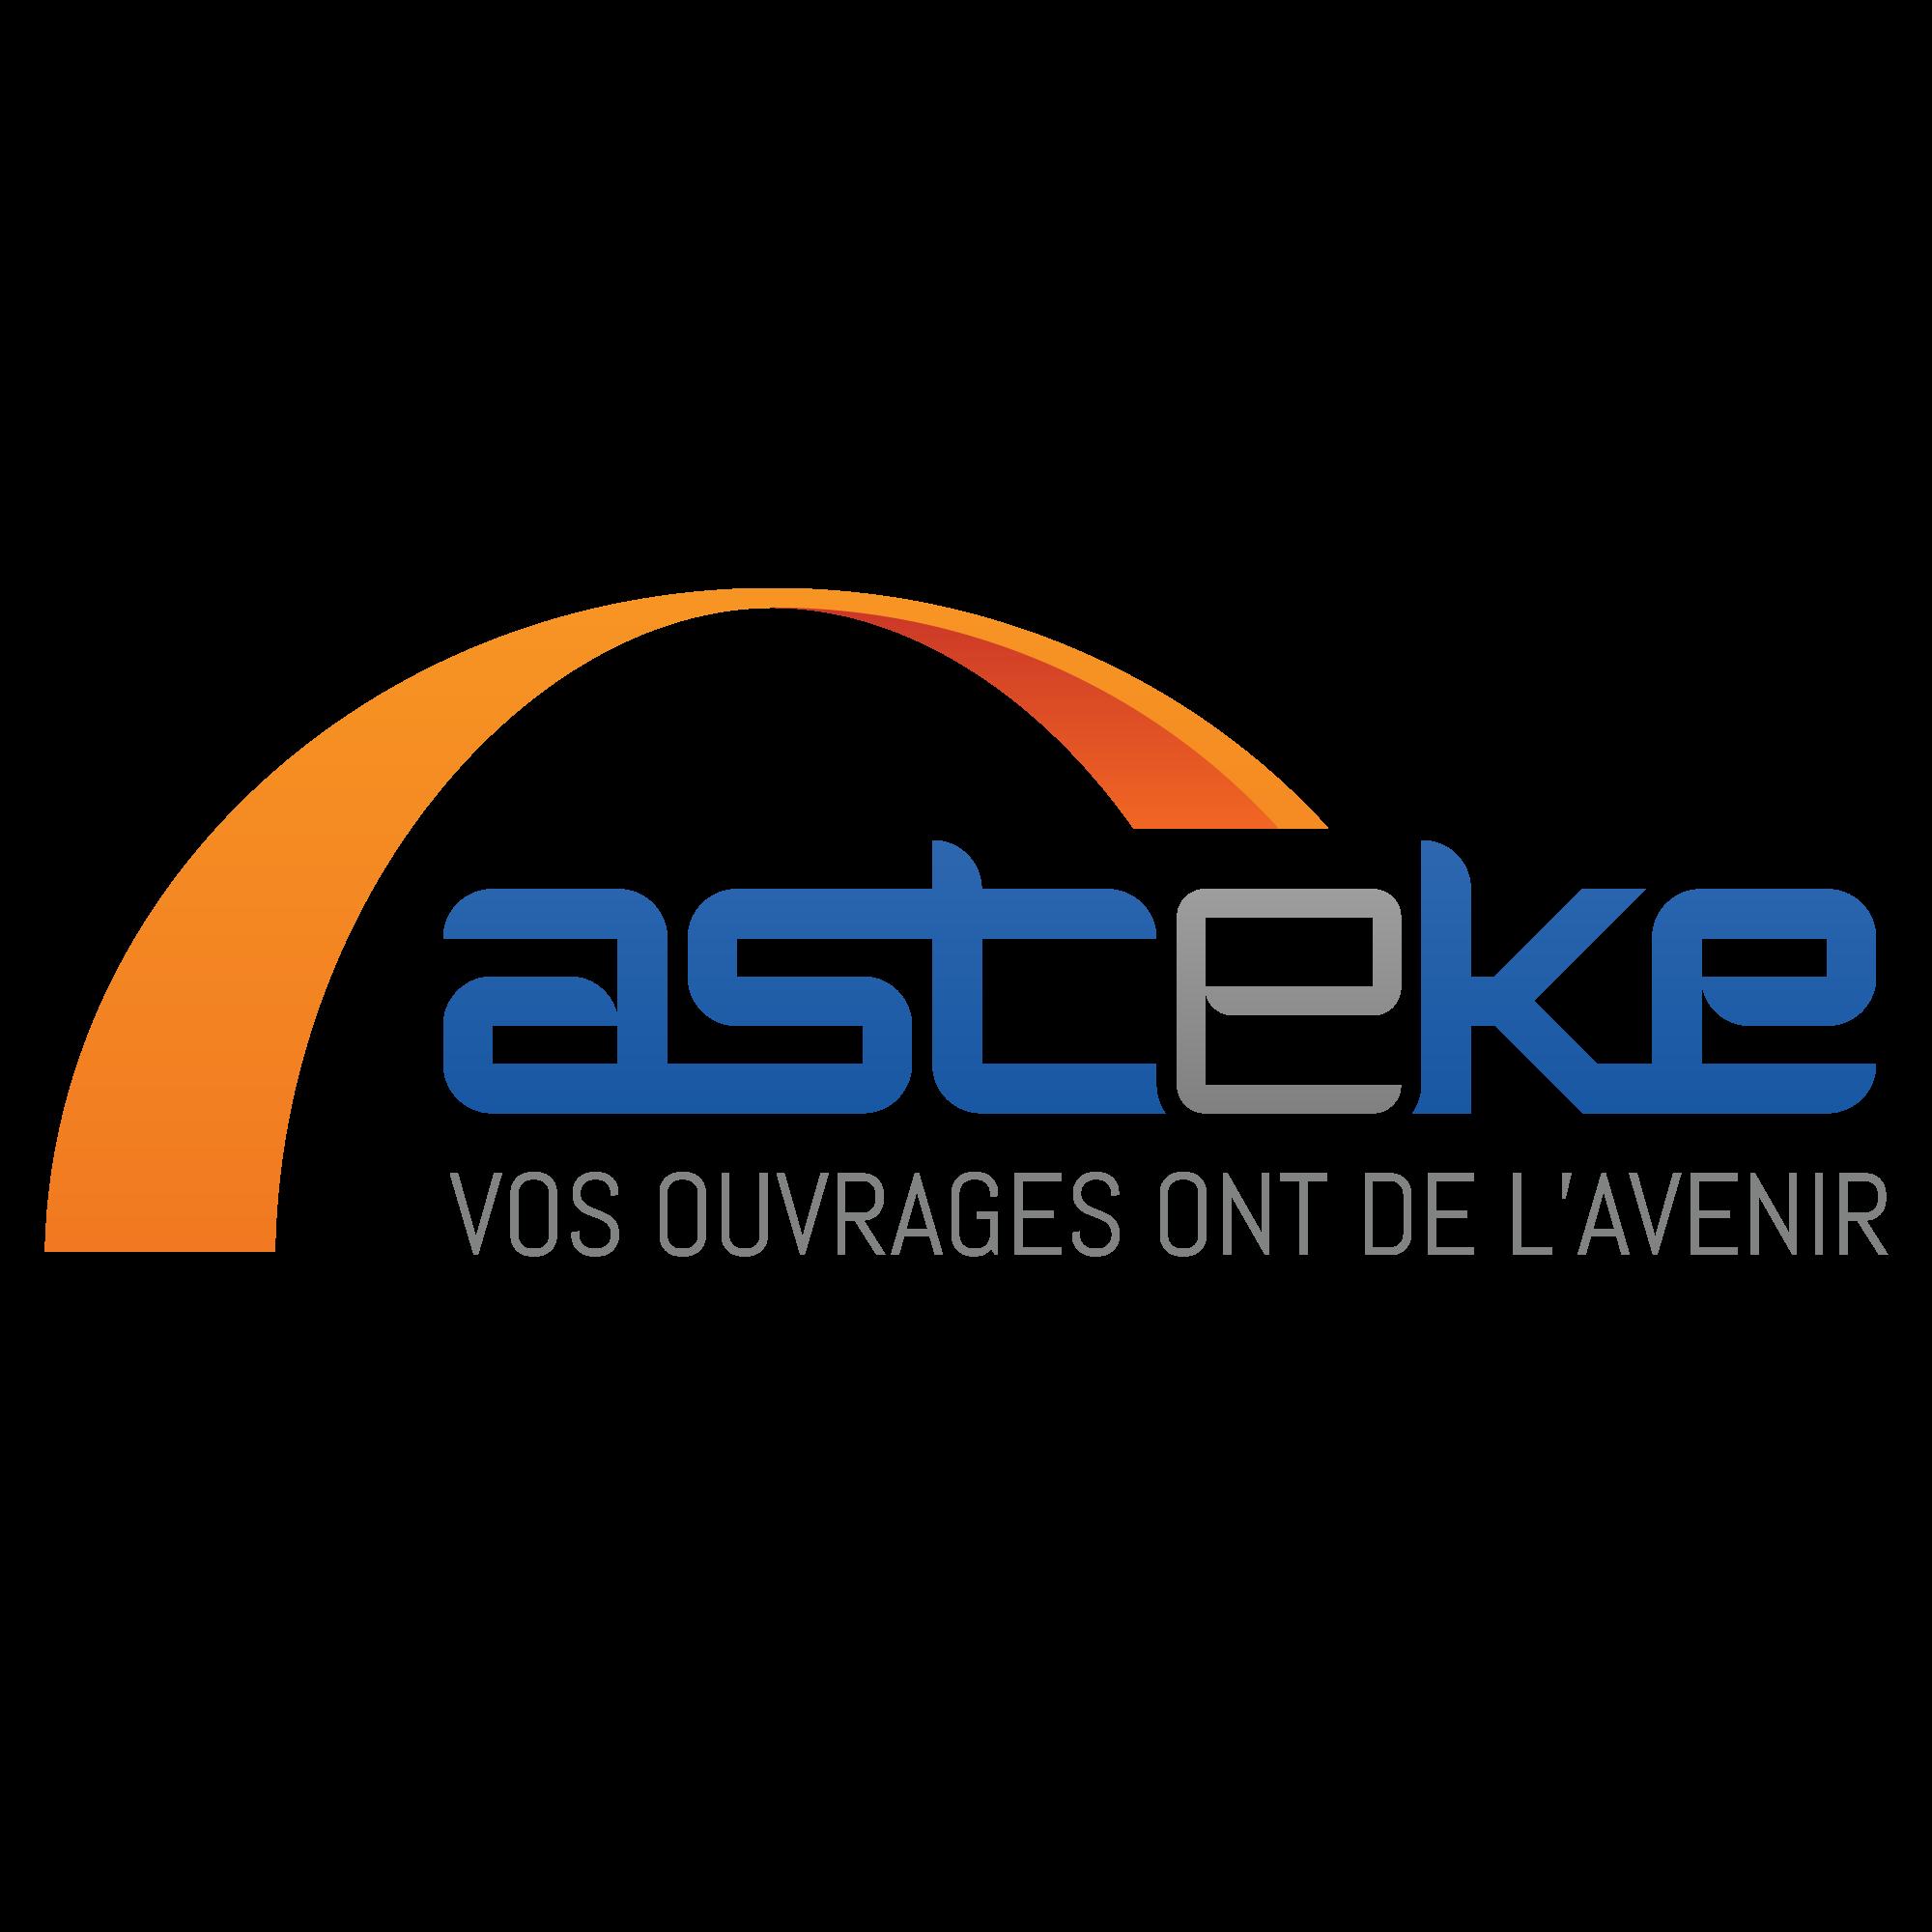 ASTeKE